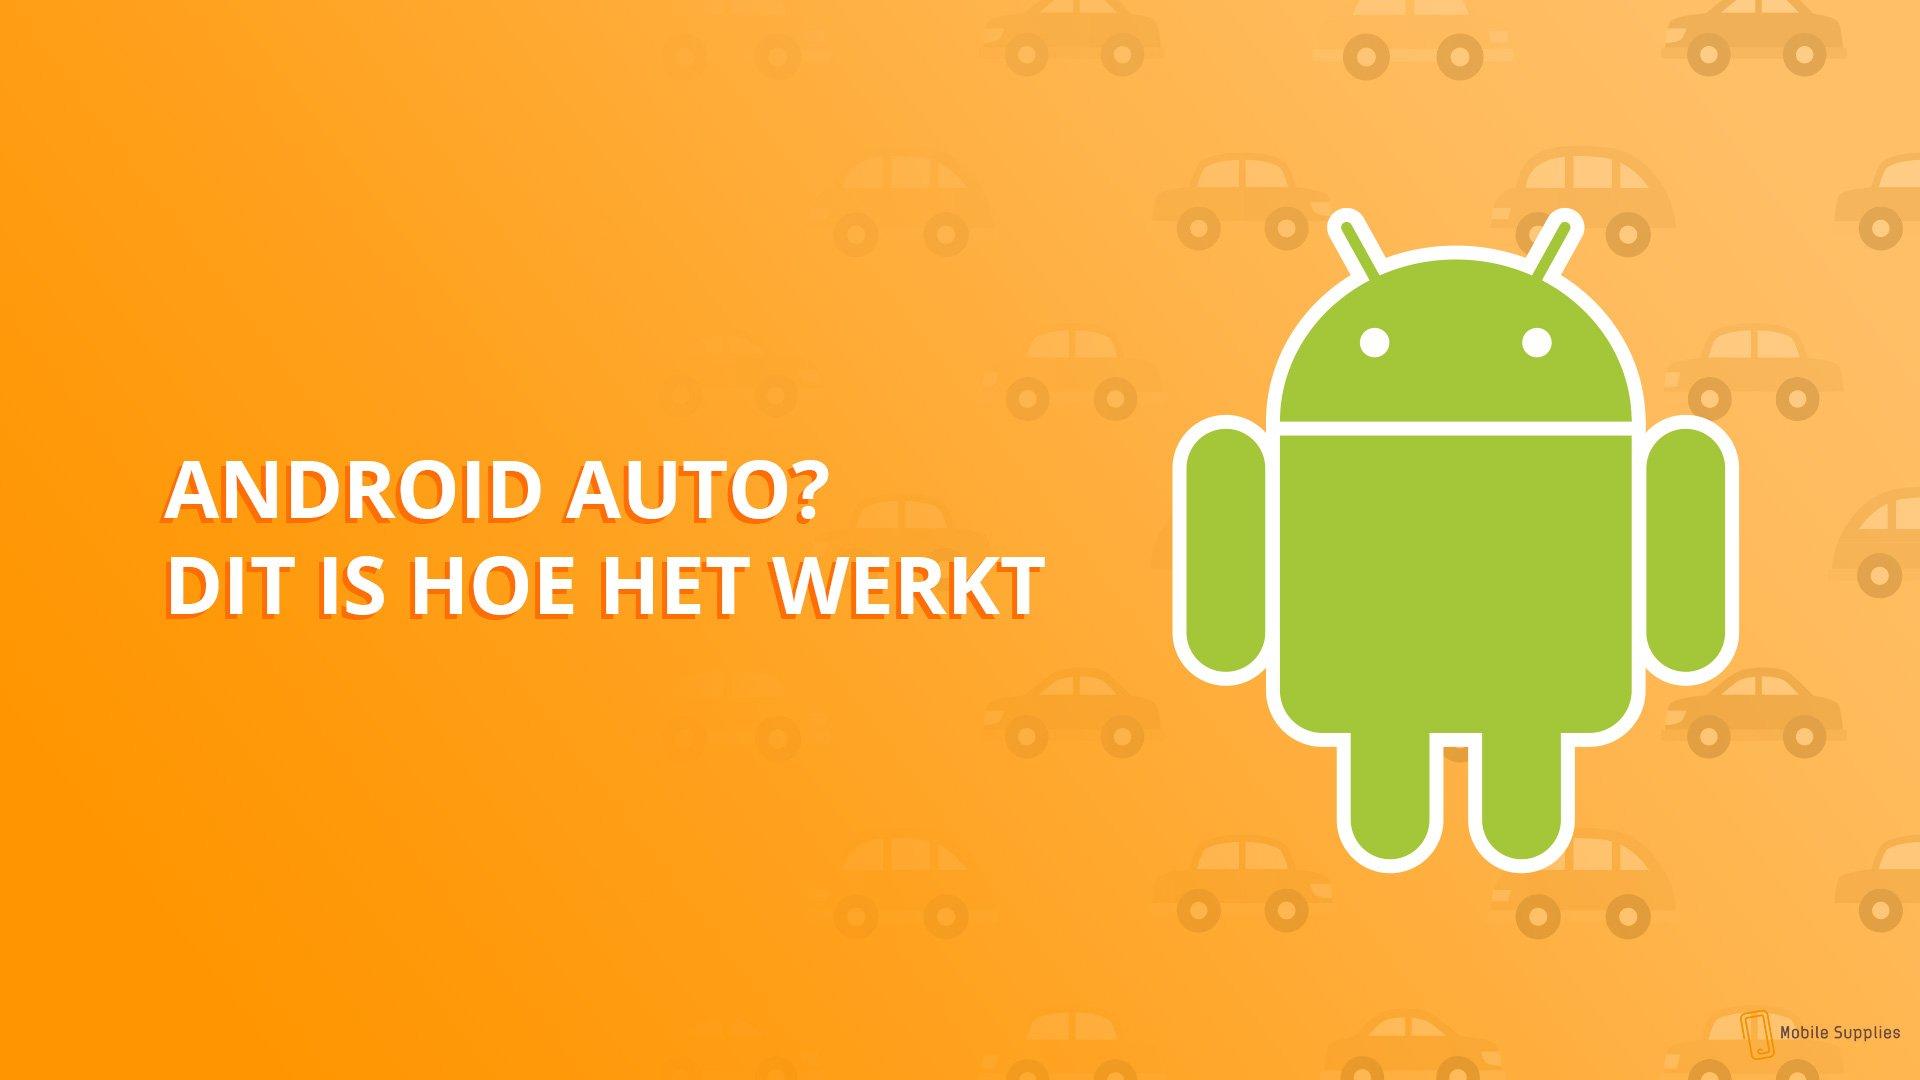 Android Auto? Dit is hoe het werkt